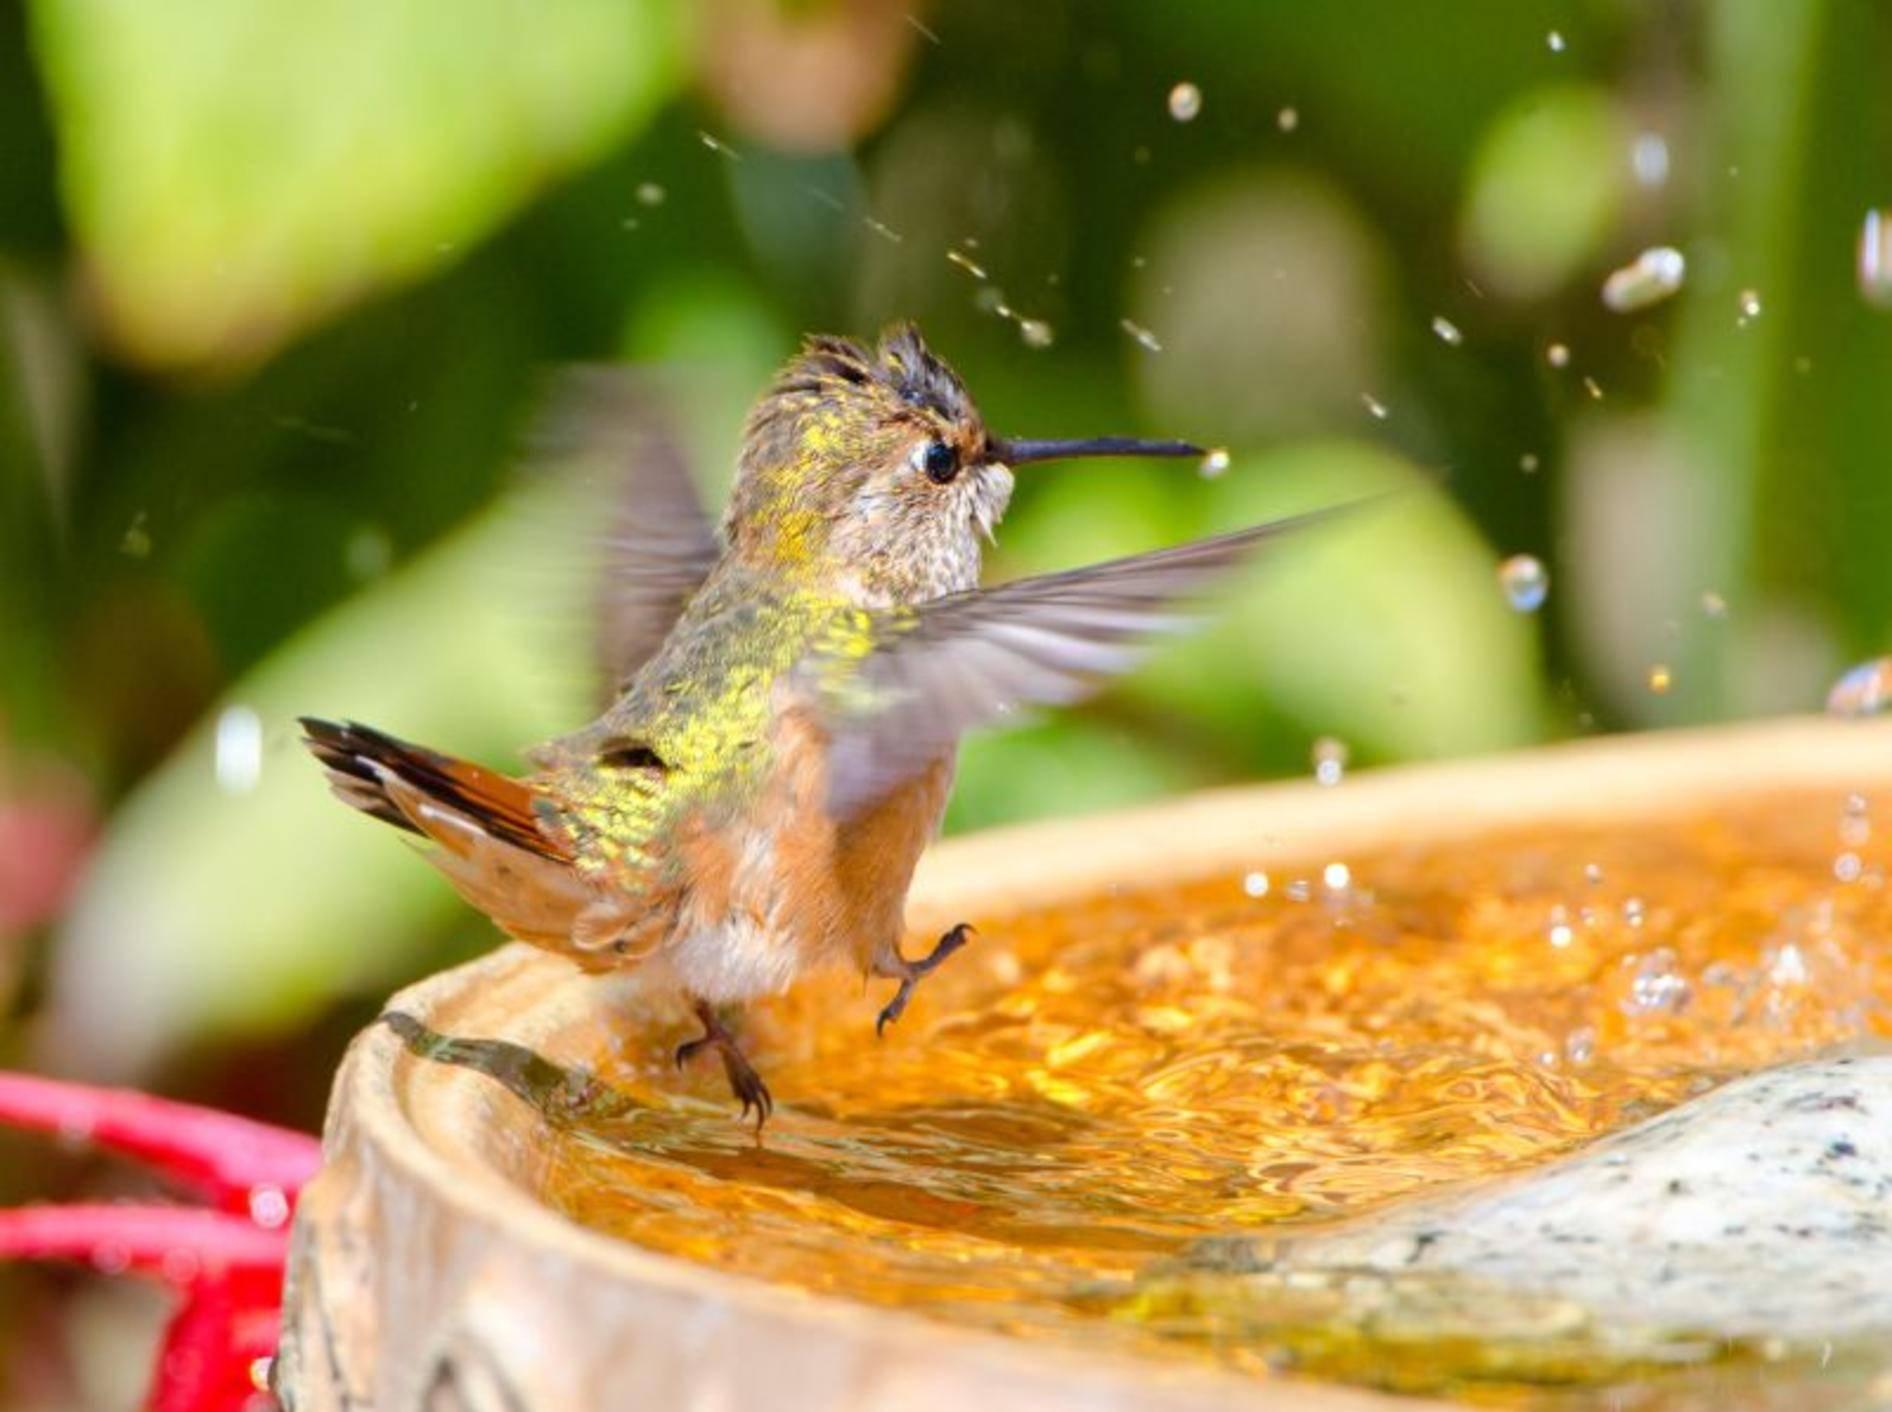 """""""1, 2, 3 und auf geht's!!!"""" Ganz eindeutig: Dieser Kolibri freut sich auf die Badezeit! – Bild: Shutterstock / Birdiegal"""